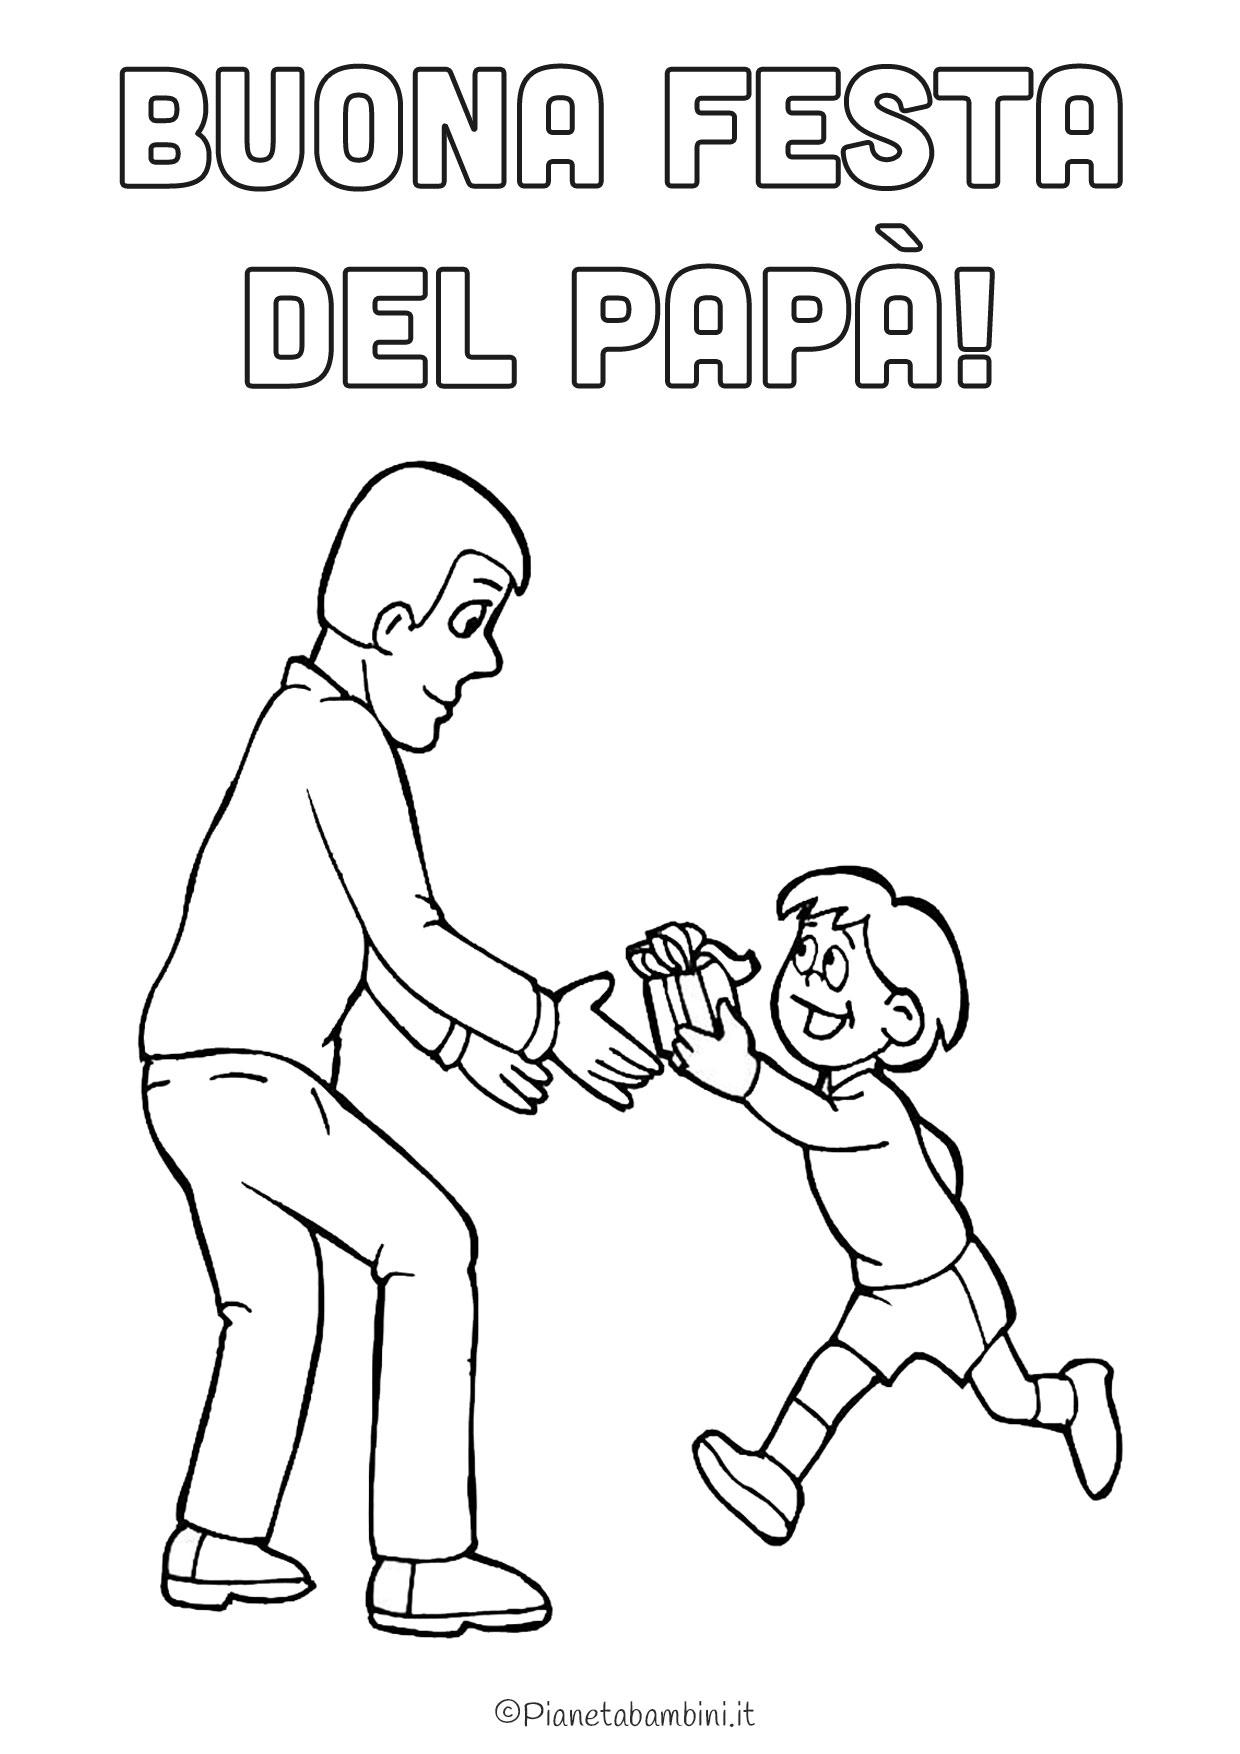 Disegni Da Colorare Di Festa Del Papa.45 Disegni Per La Festa Del Papa Da Colorare Pianetabambini It